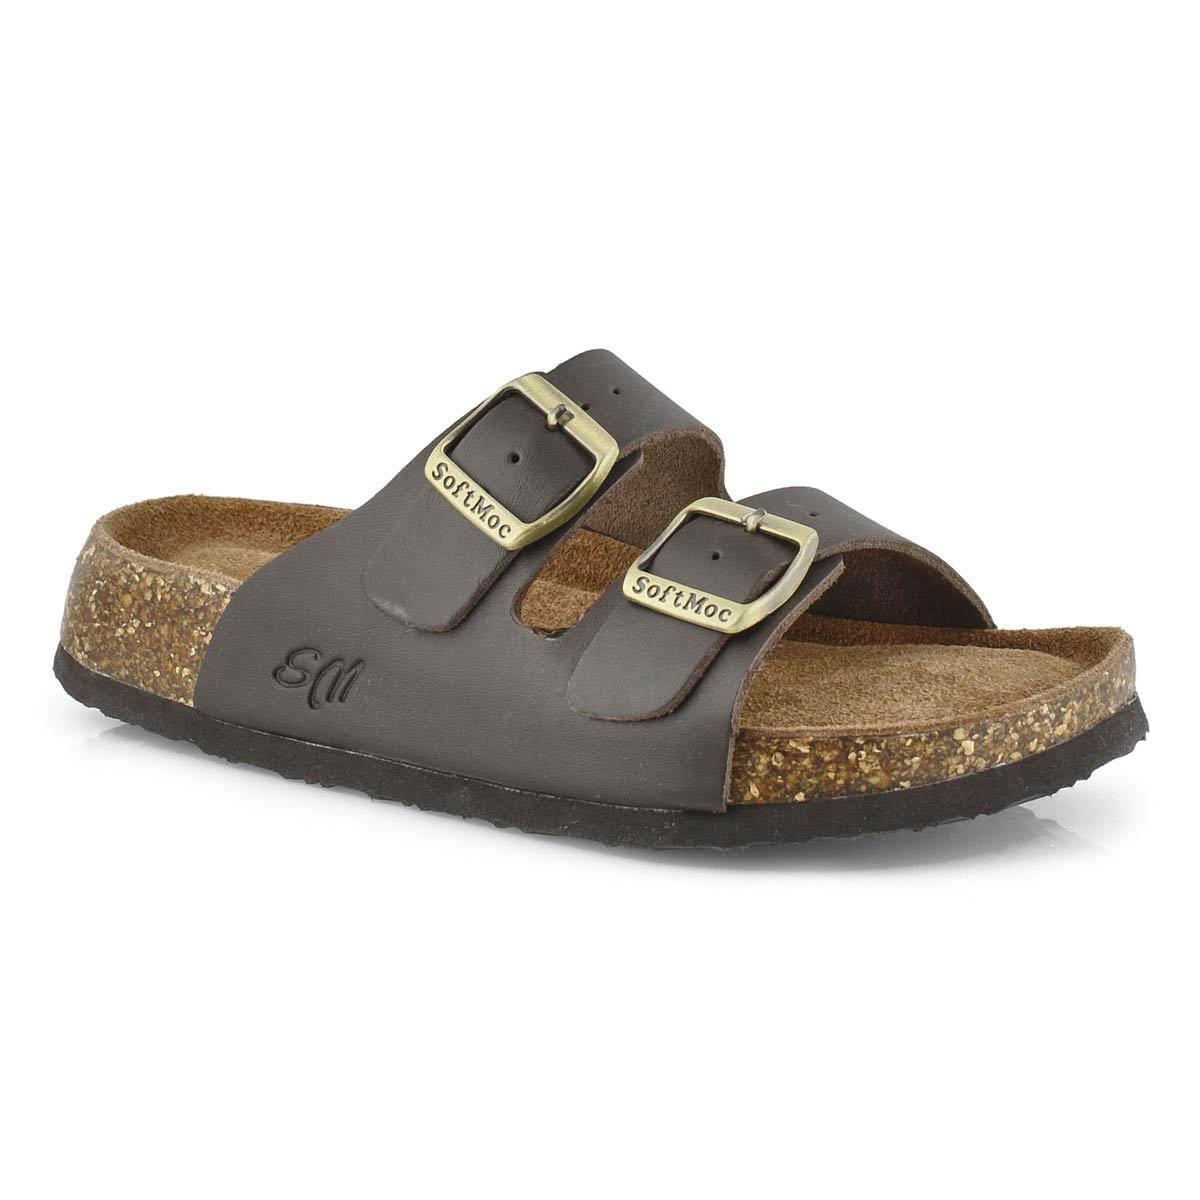 Lds Anna 5 brn memory foam slide sandal